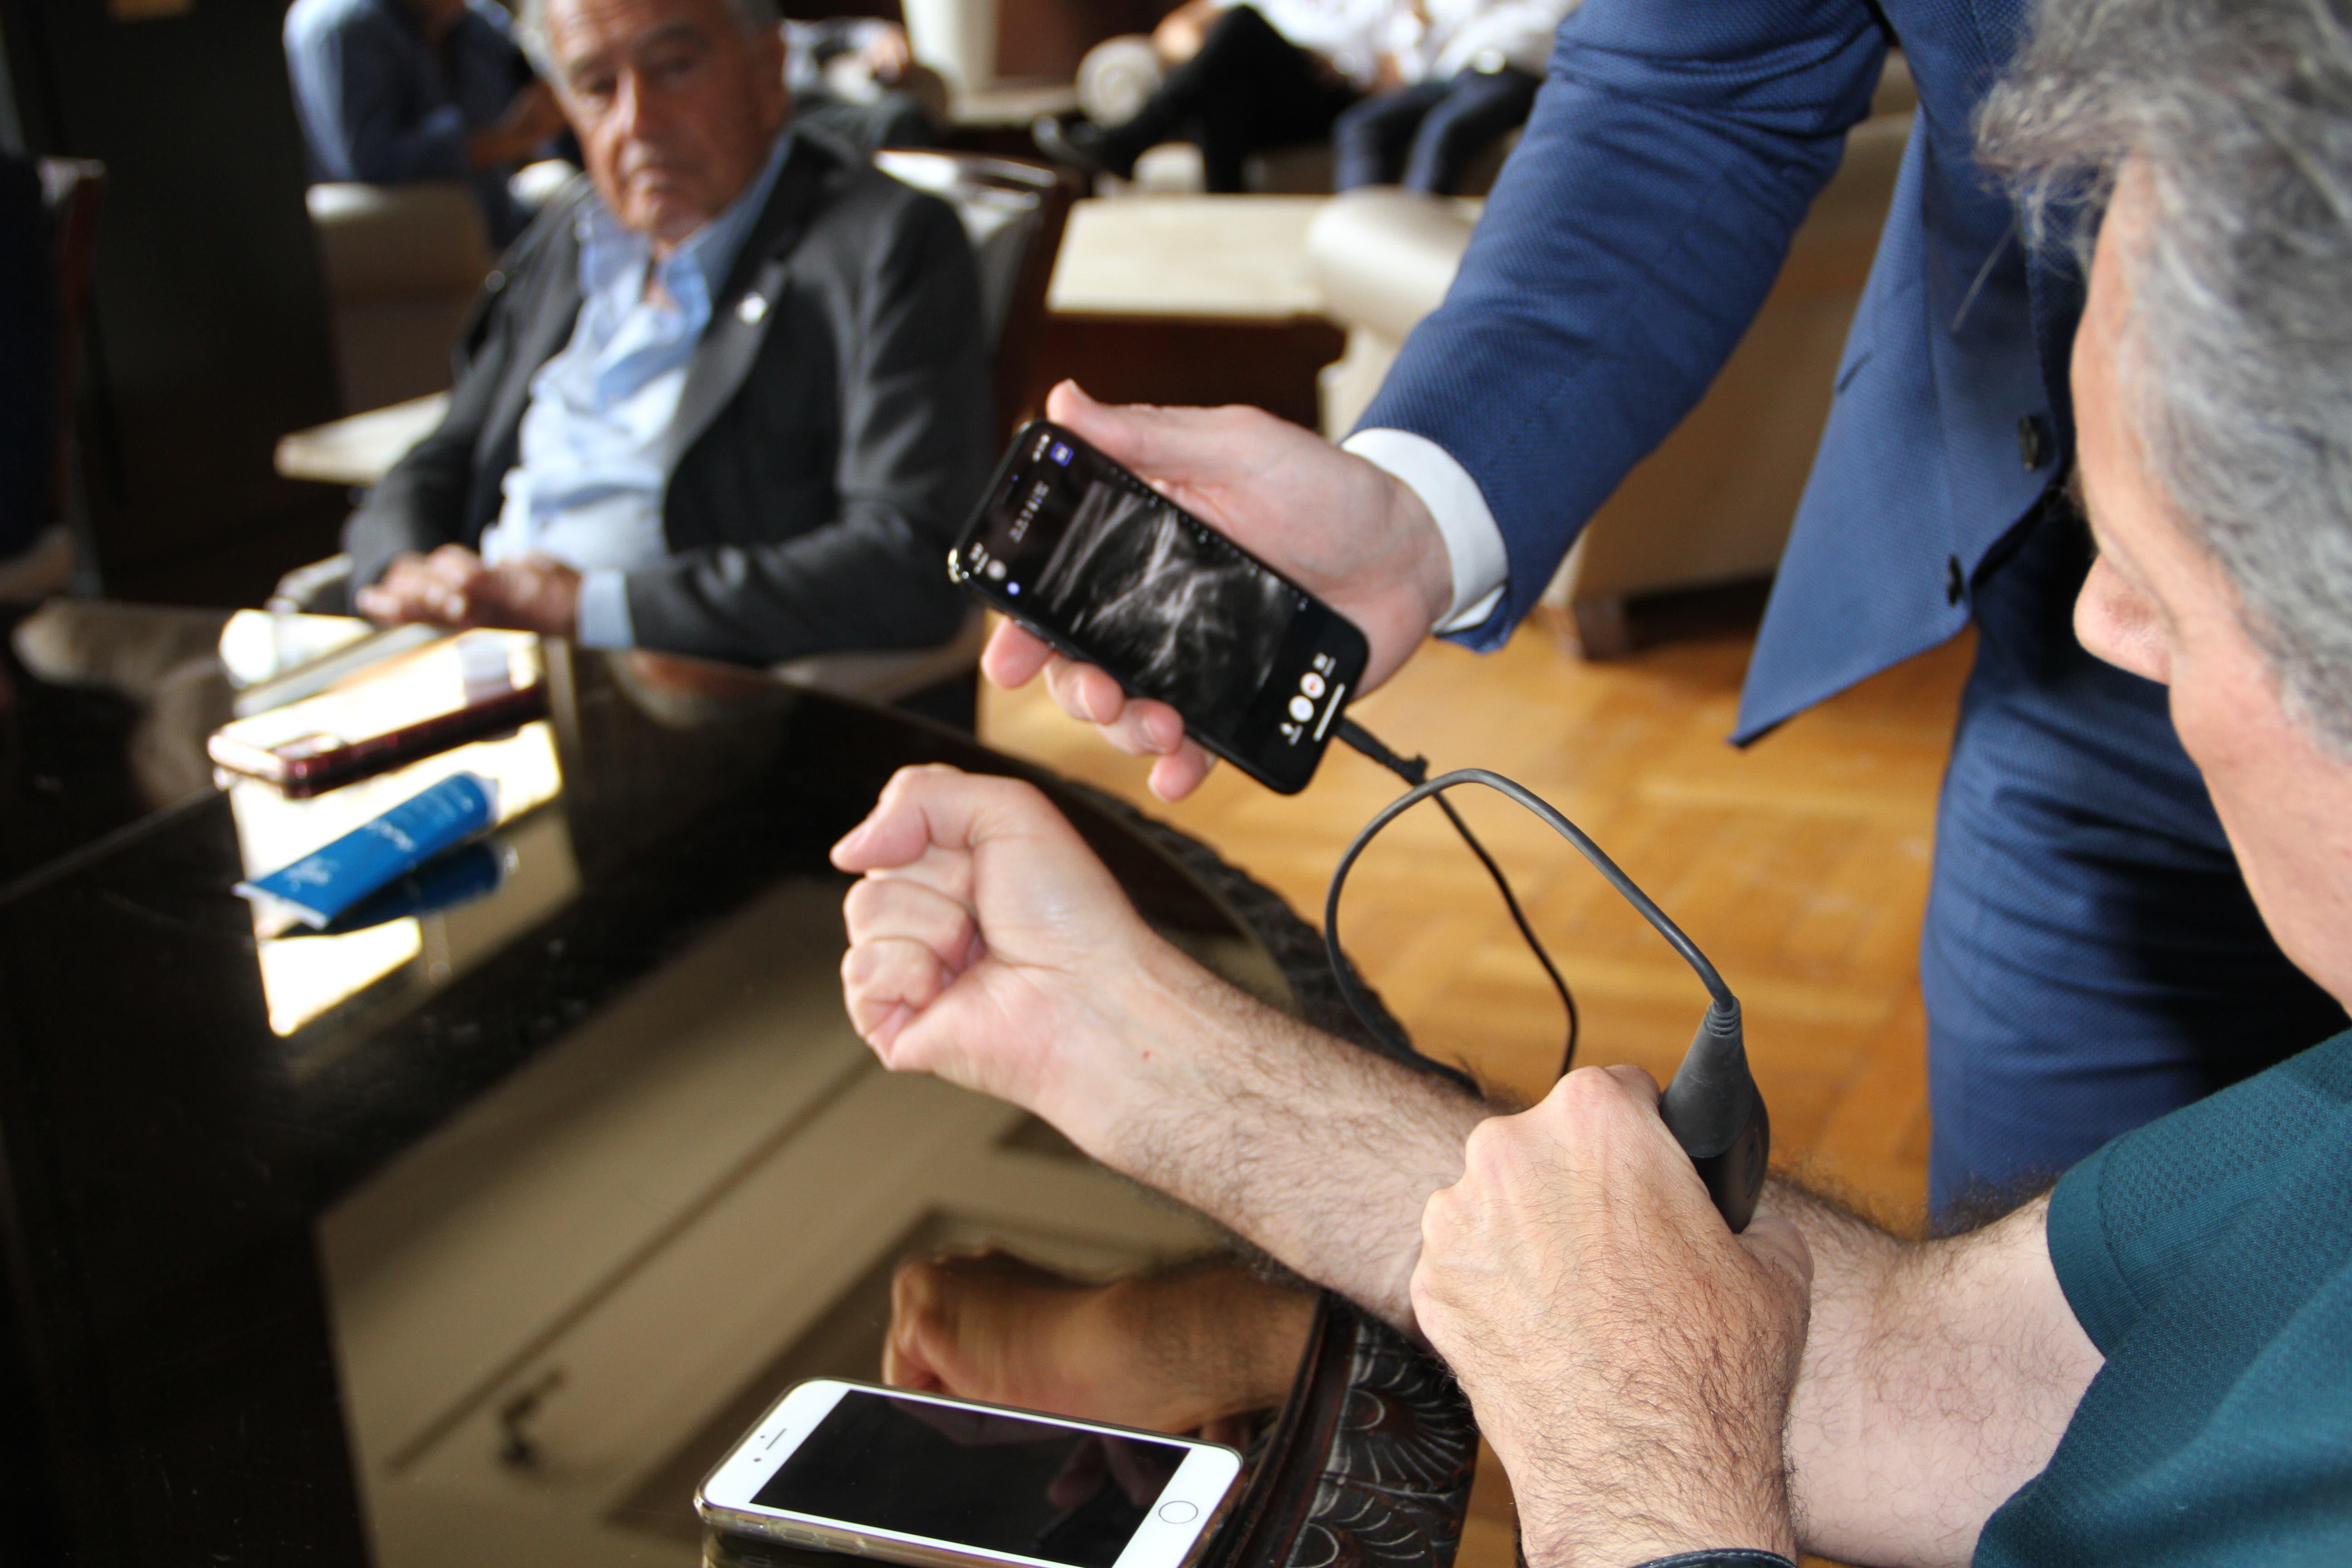 Presentan en la Argentina un dispositivo de bolsillo para hacer ecografías